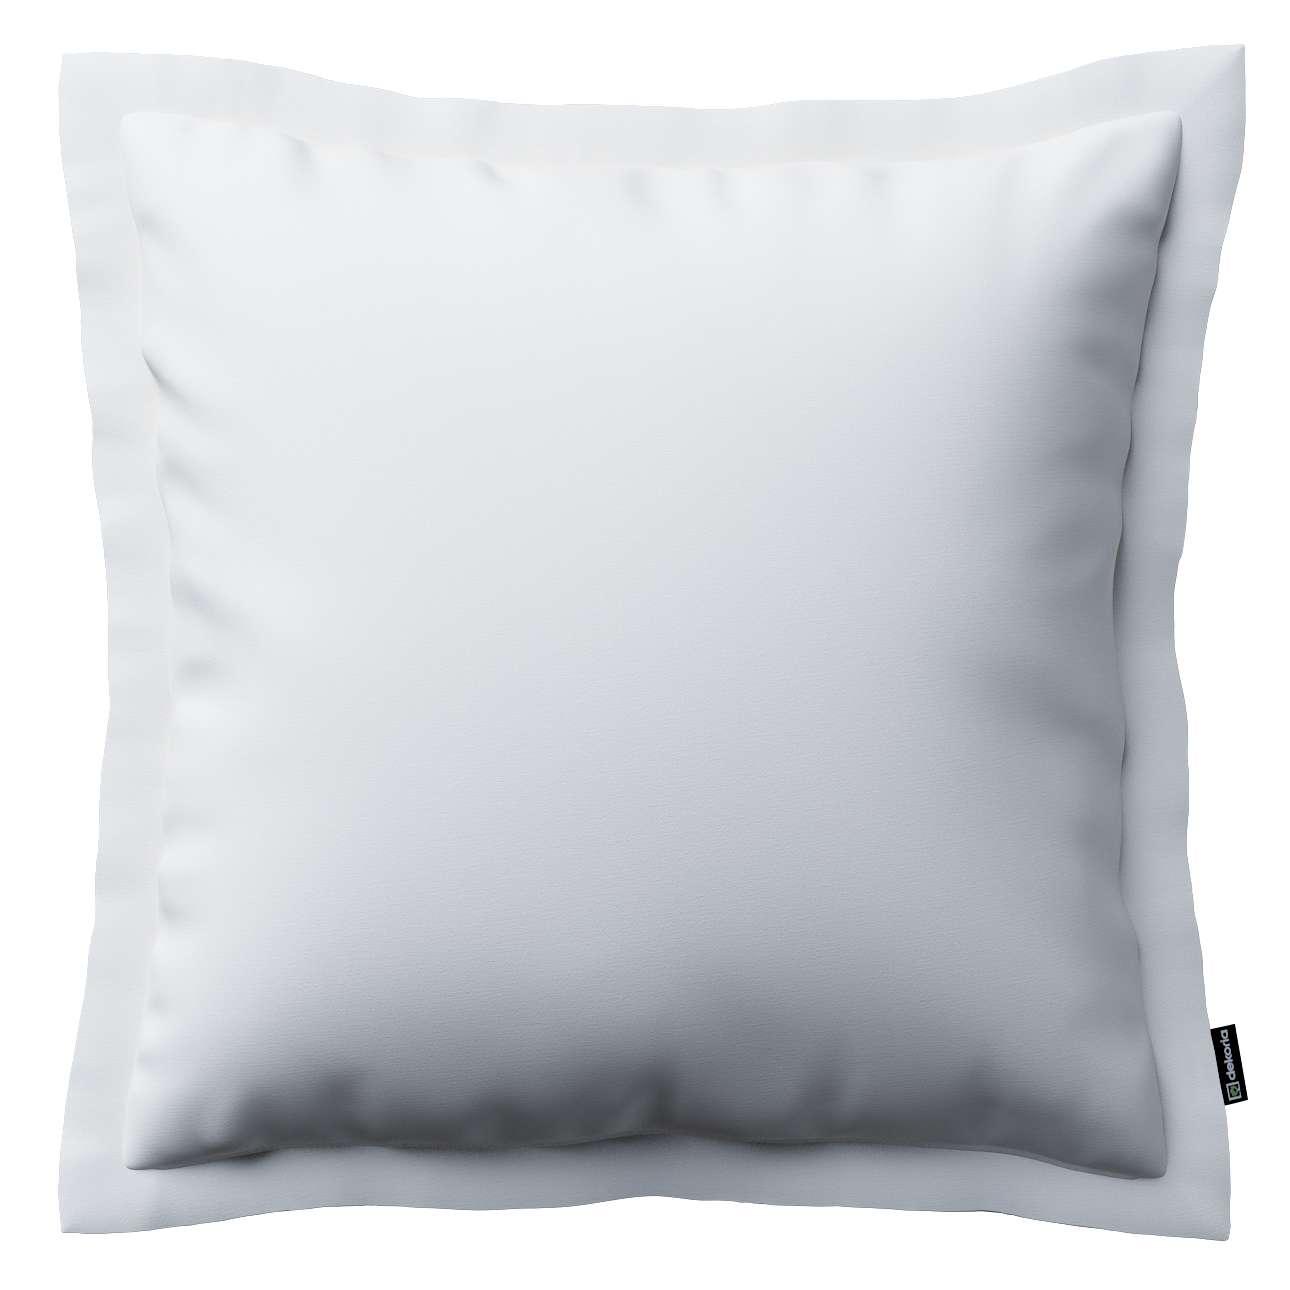 Poszewka Mona na poduszkę 45x45 cm w kolekcji Comics, tkanina: 139-00